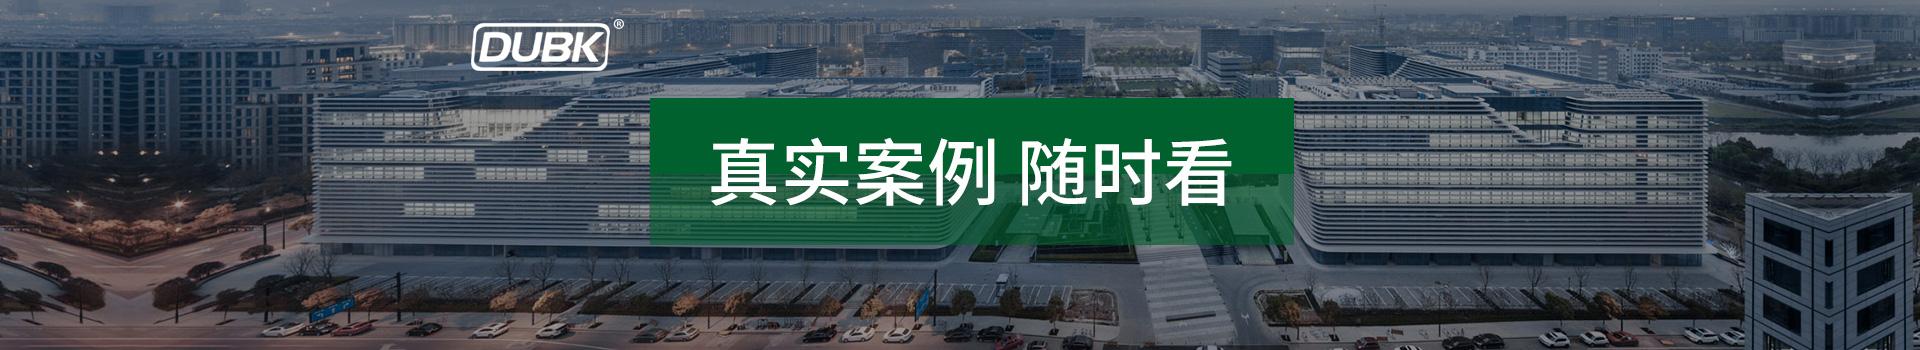 Dubk.杜比克-高标准氟碳漆项目必选品牌,中标率高达99%